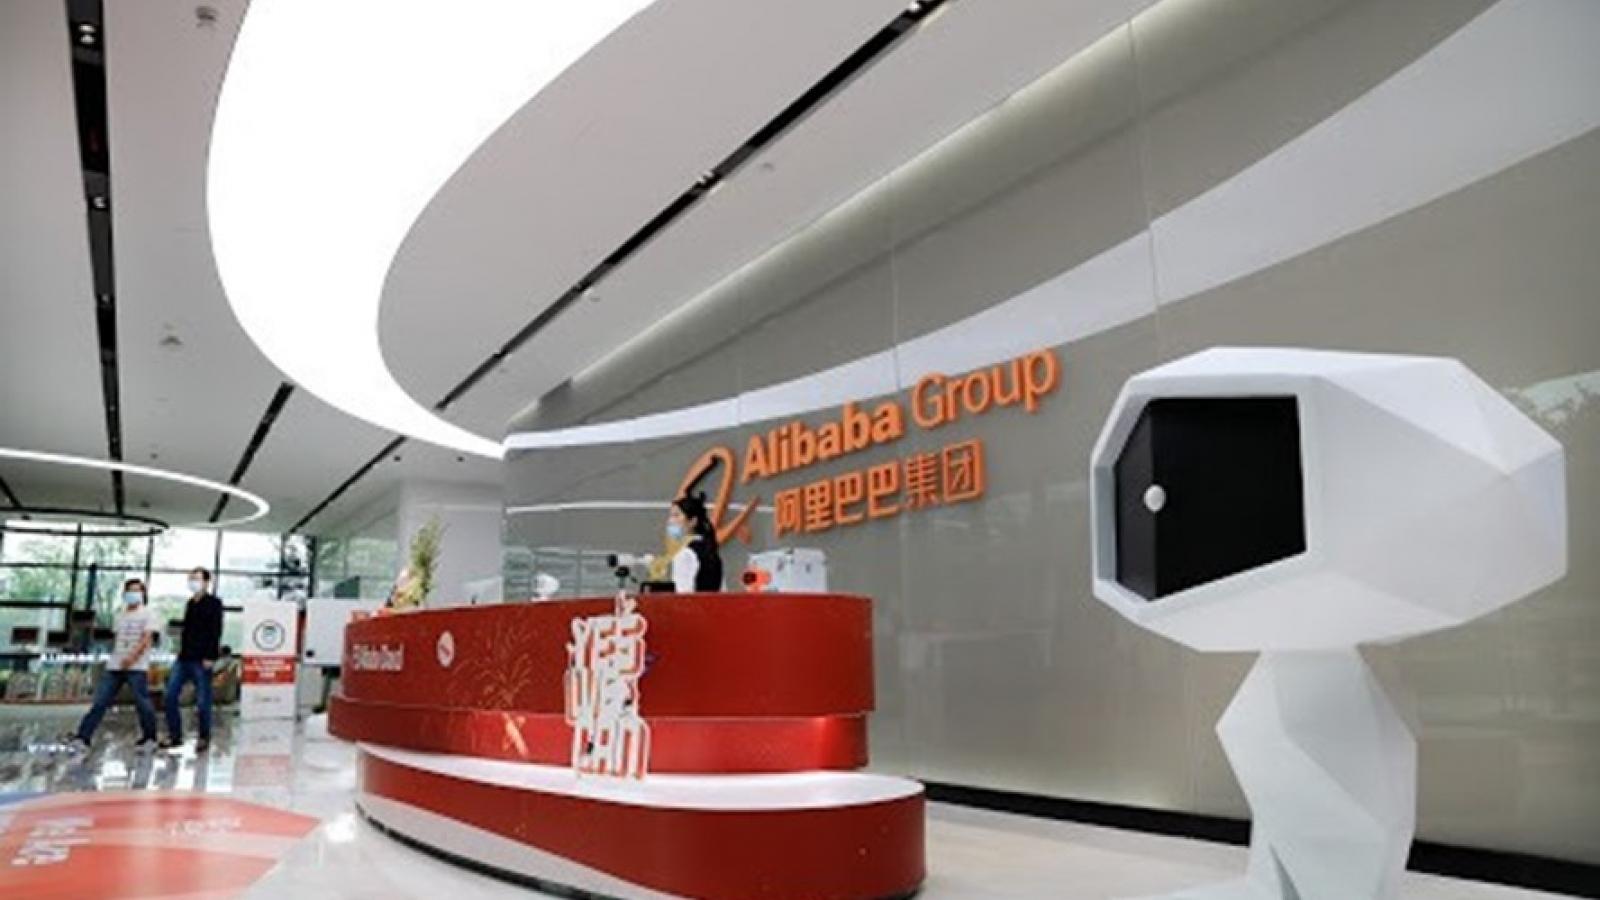 Tập đoàn Alibaba thiệt hại hàng trăm tỷ USD sau thông tin bị điều tra